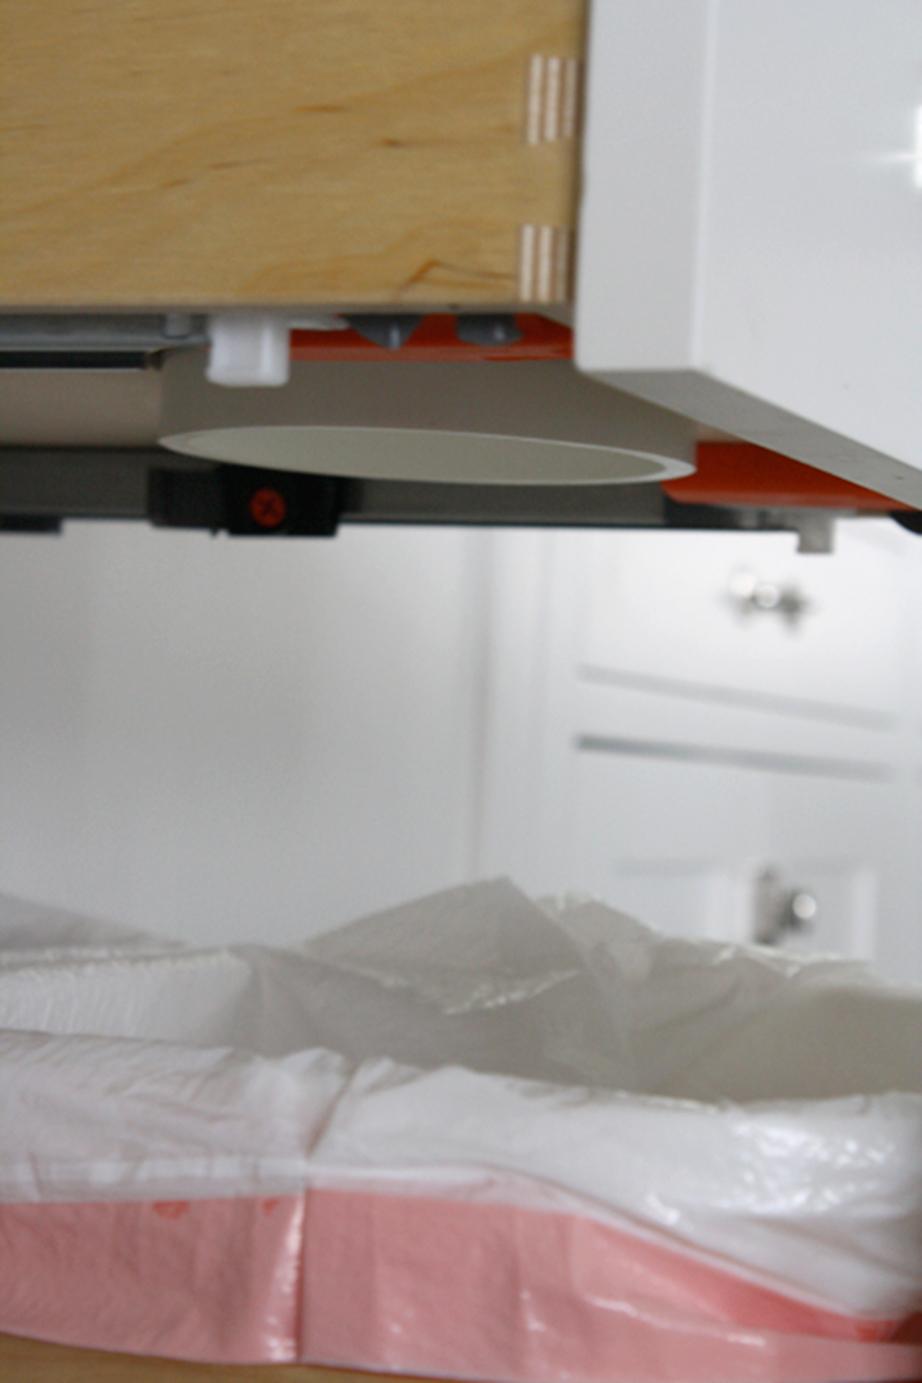 Δώστε προσοχή ώστε ο σωλήνας να ενώνει τα τμήματα της κατασκευής αλλά και να εξέχει τόσο από την κάτω πλευρά του συρταριού χωρίς όμως να παρεμποδίζει τη λειτουργία του.